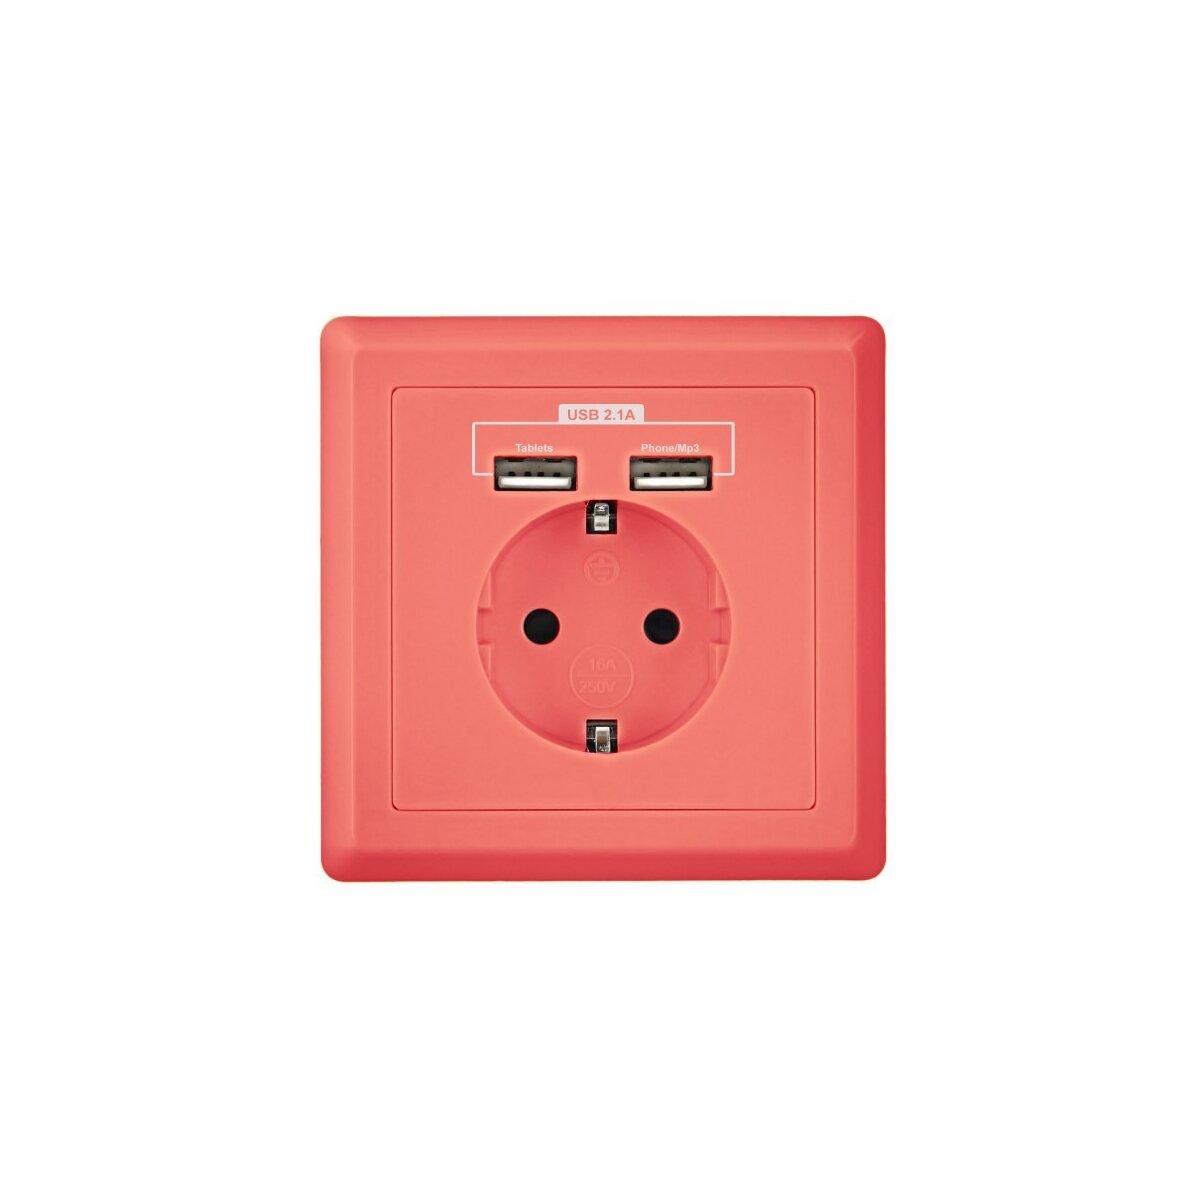 """Minadax Schutzkontakt Steckdose 230V 220V """"Pink"""" mit 2x USB Anschluss für das unkomplizierte Laden aller mobilen Geräte - unterputz"""